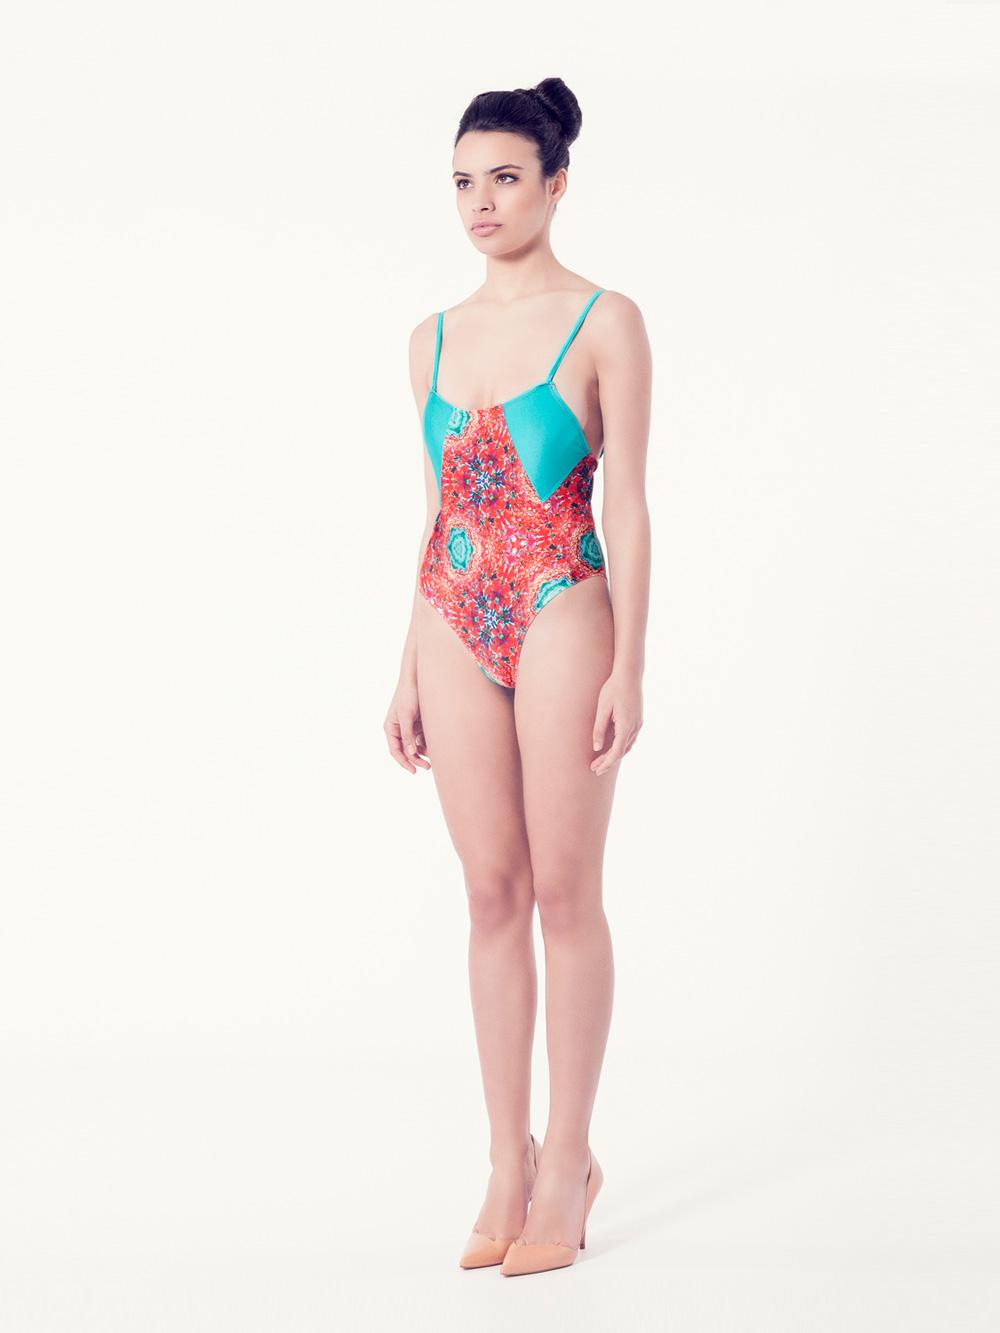 CLEMATIS Bañador tendencia – Vista normal– Estampado rojo – nadadora.com.es – swimwear